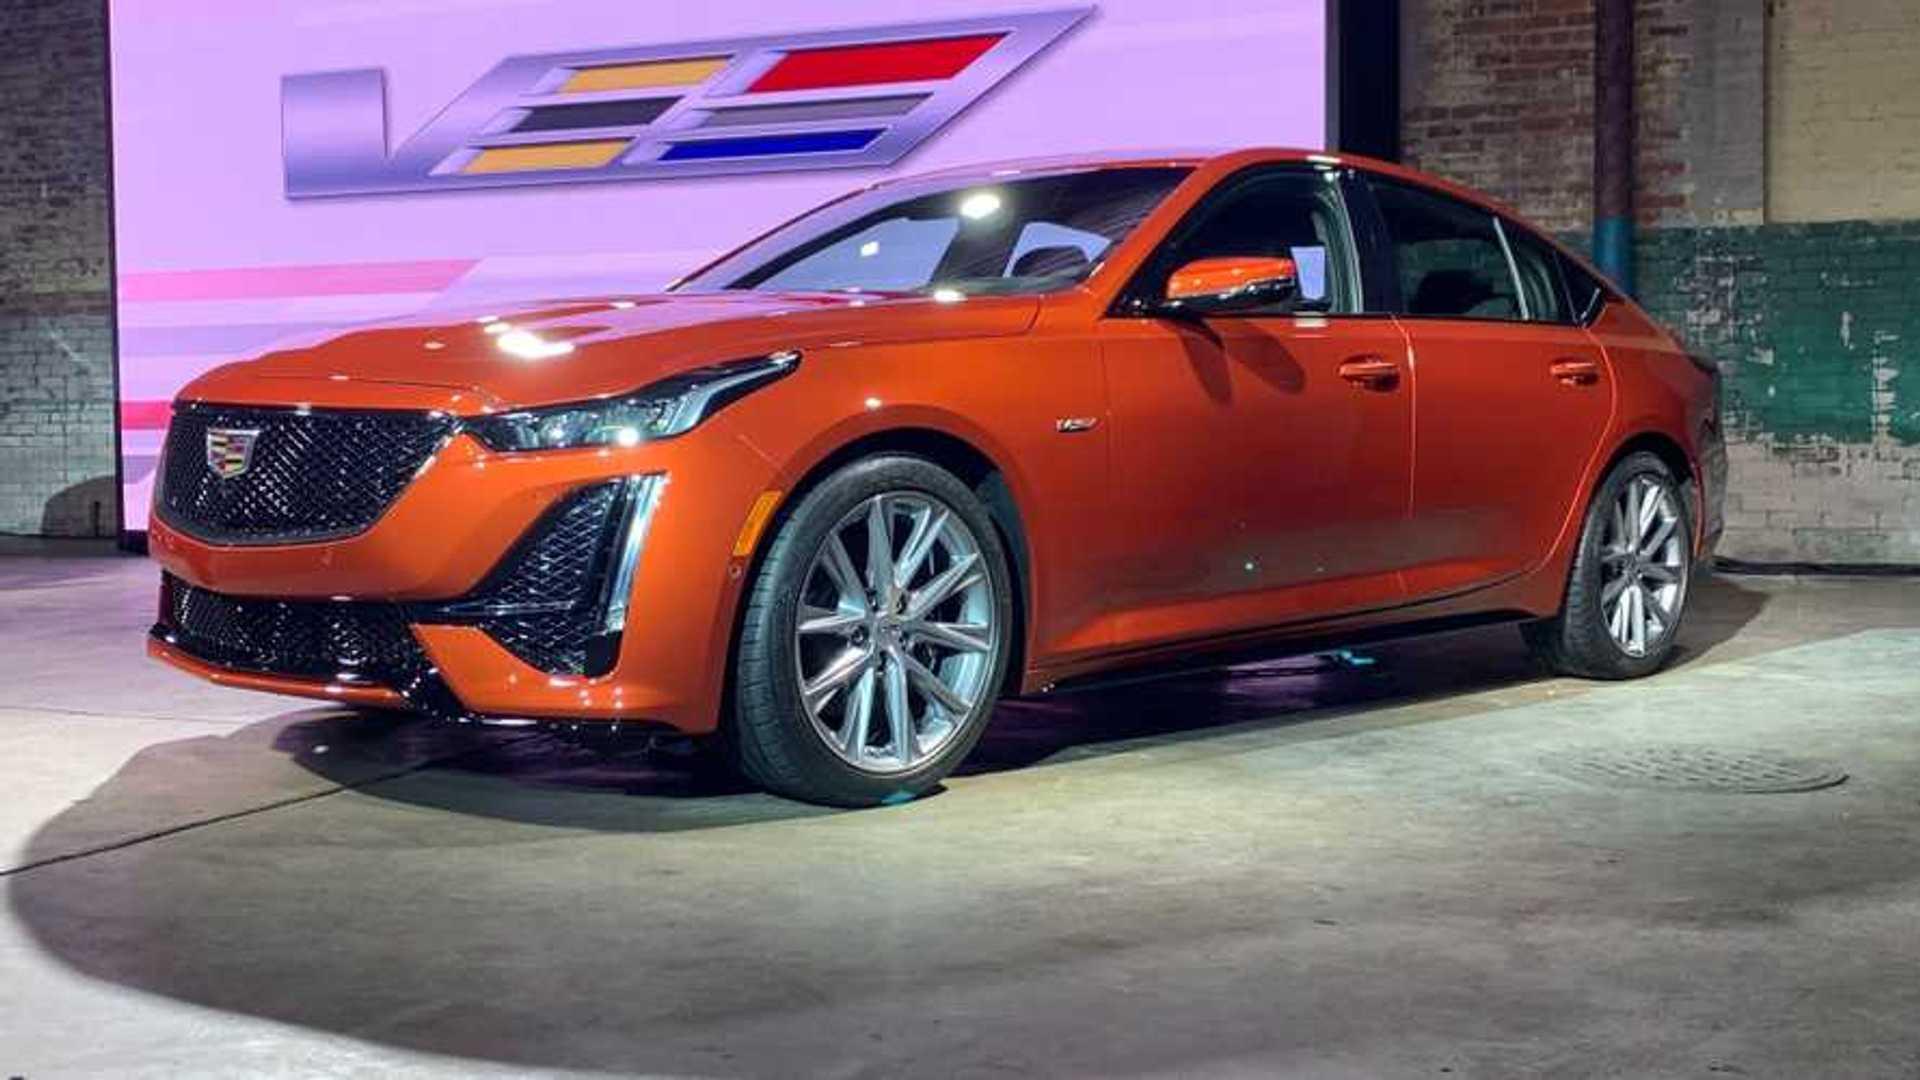 2020 Cadillac CT5-V Pricing Starts At $48,690, CT4-V Is $45,490